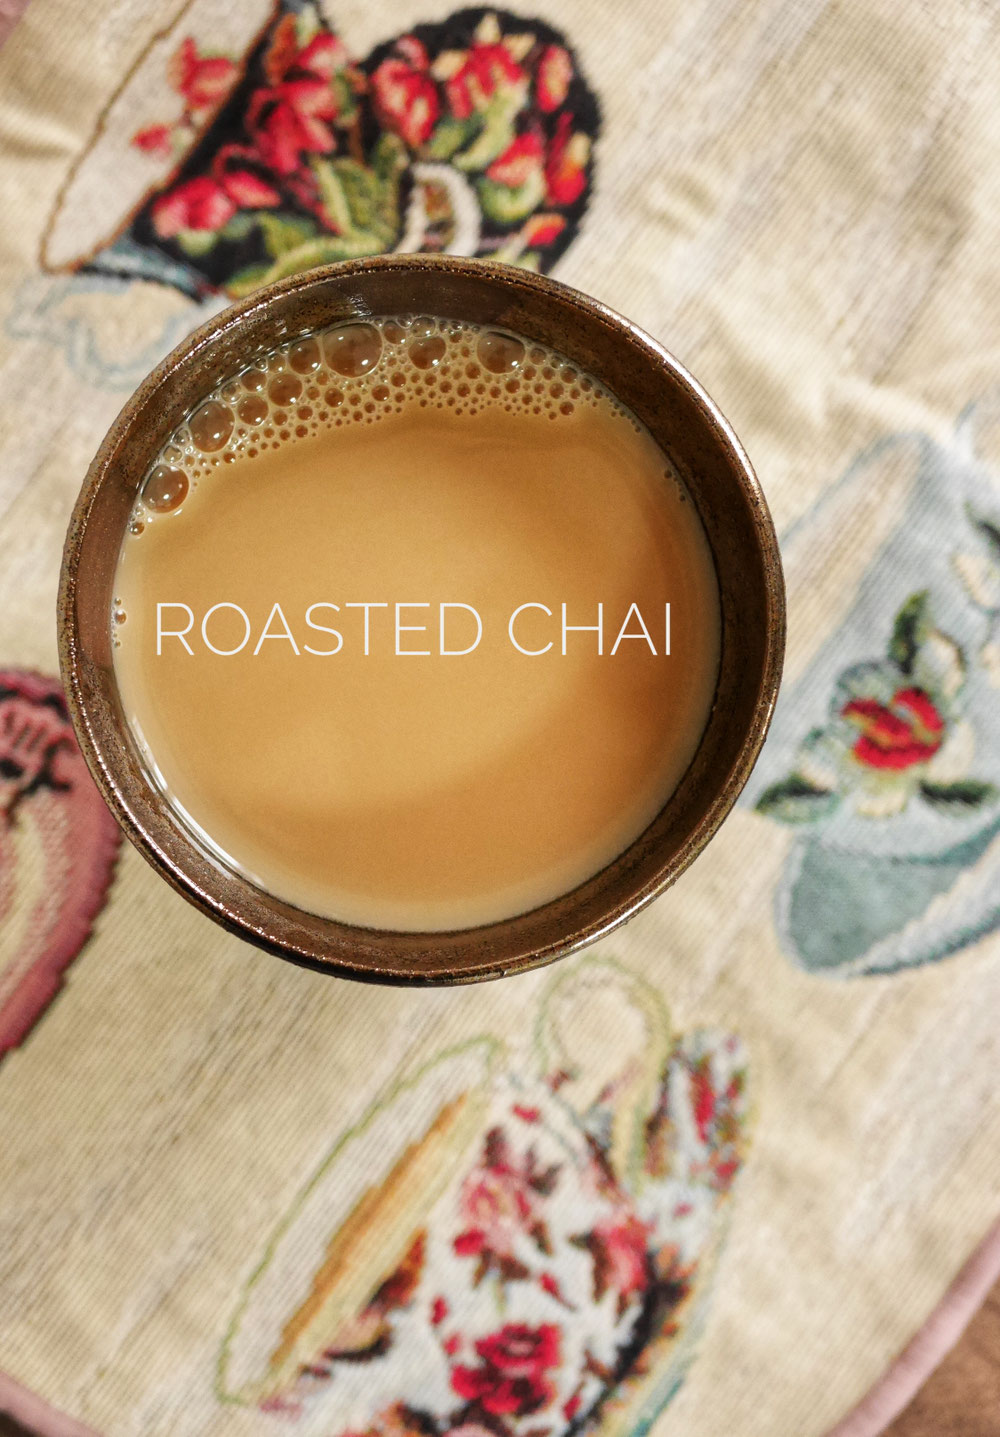 Roasted chai